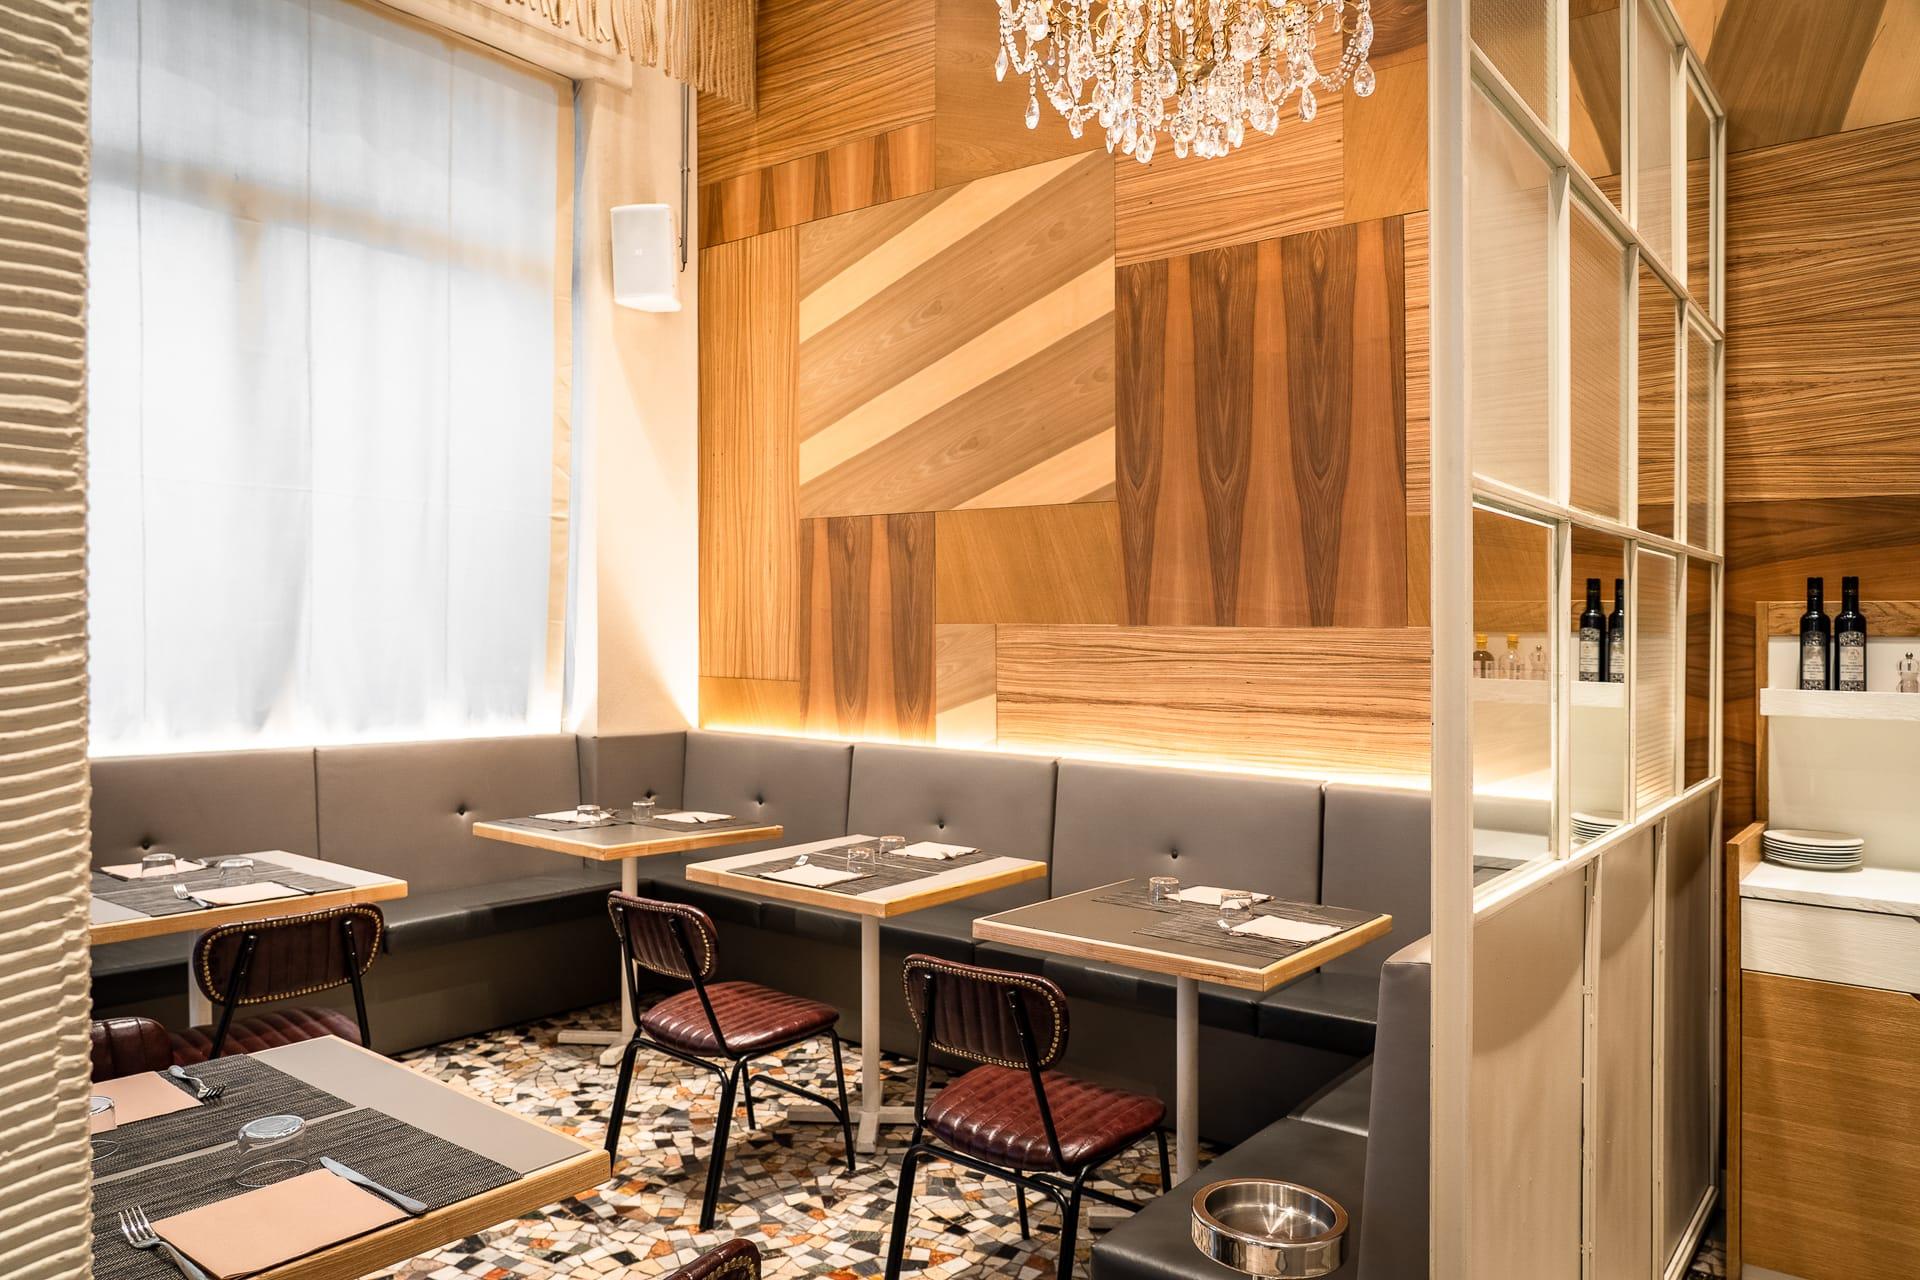 saletta ristorante angolo 16 con divani e piccoli tavoli apparecchiati